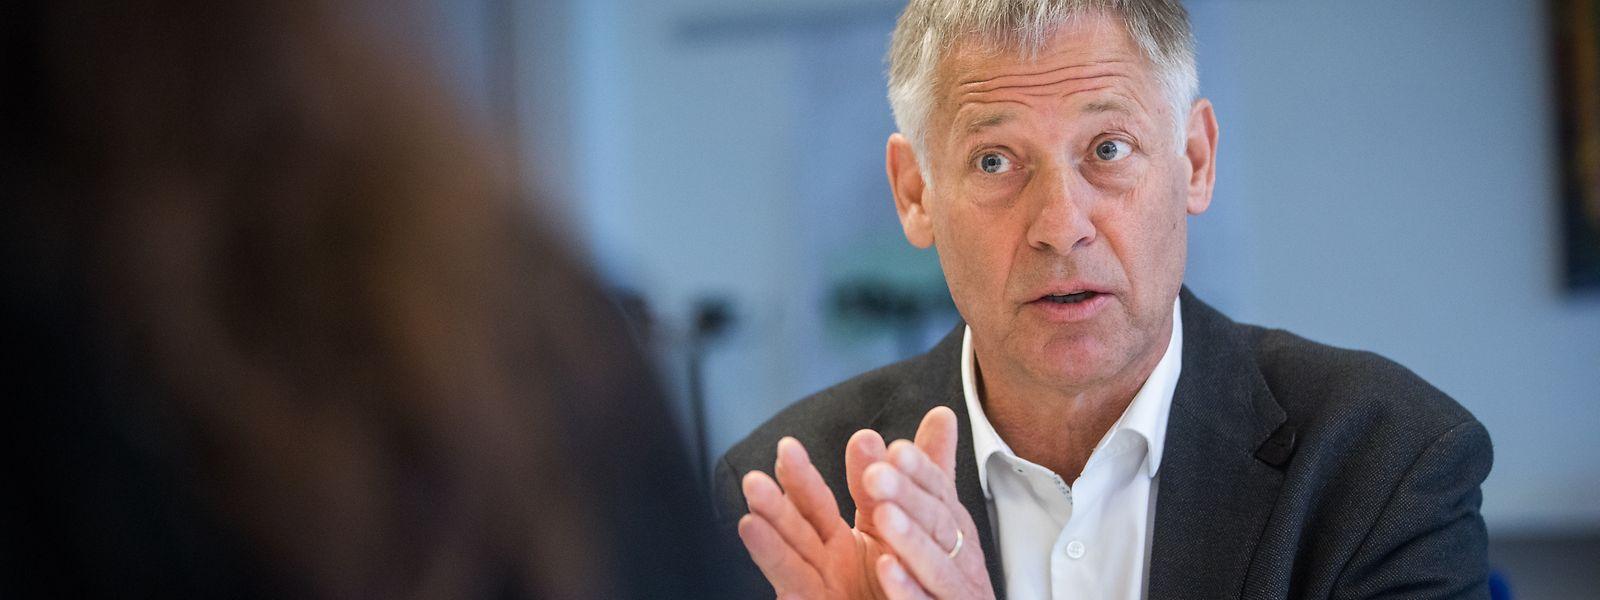 Wohnungsbauminister Henri Kox übernimmt das Ressort für Innere Sicherheit.